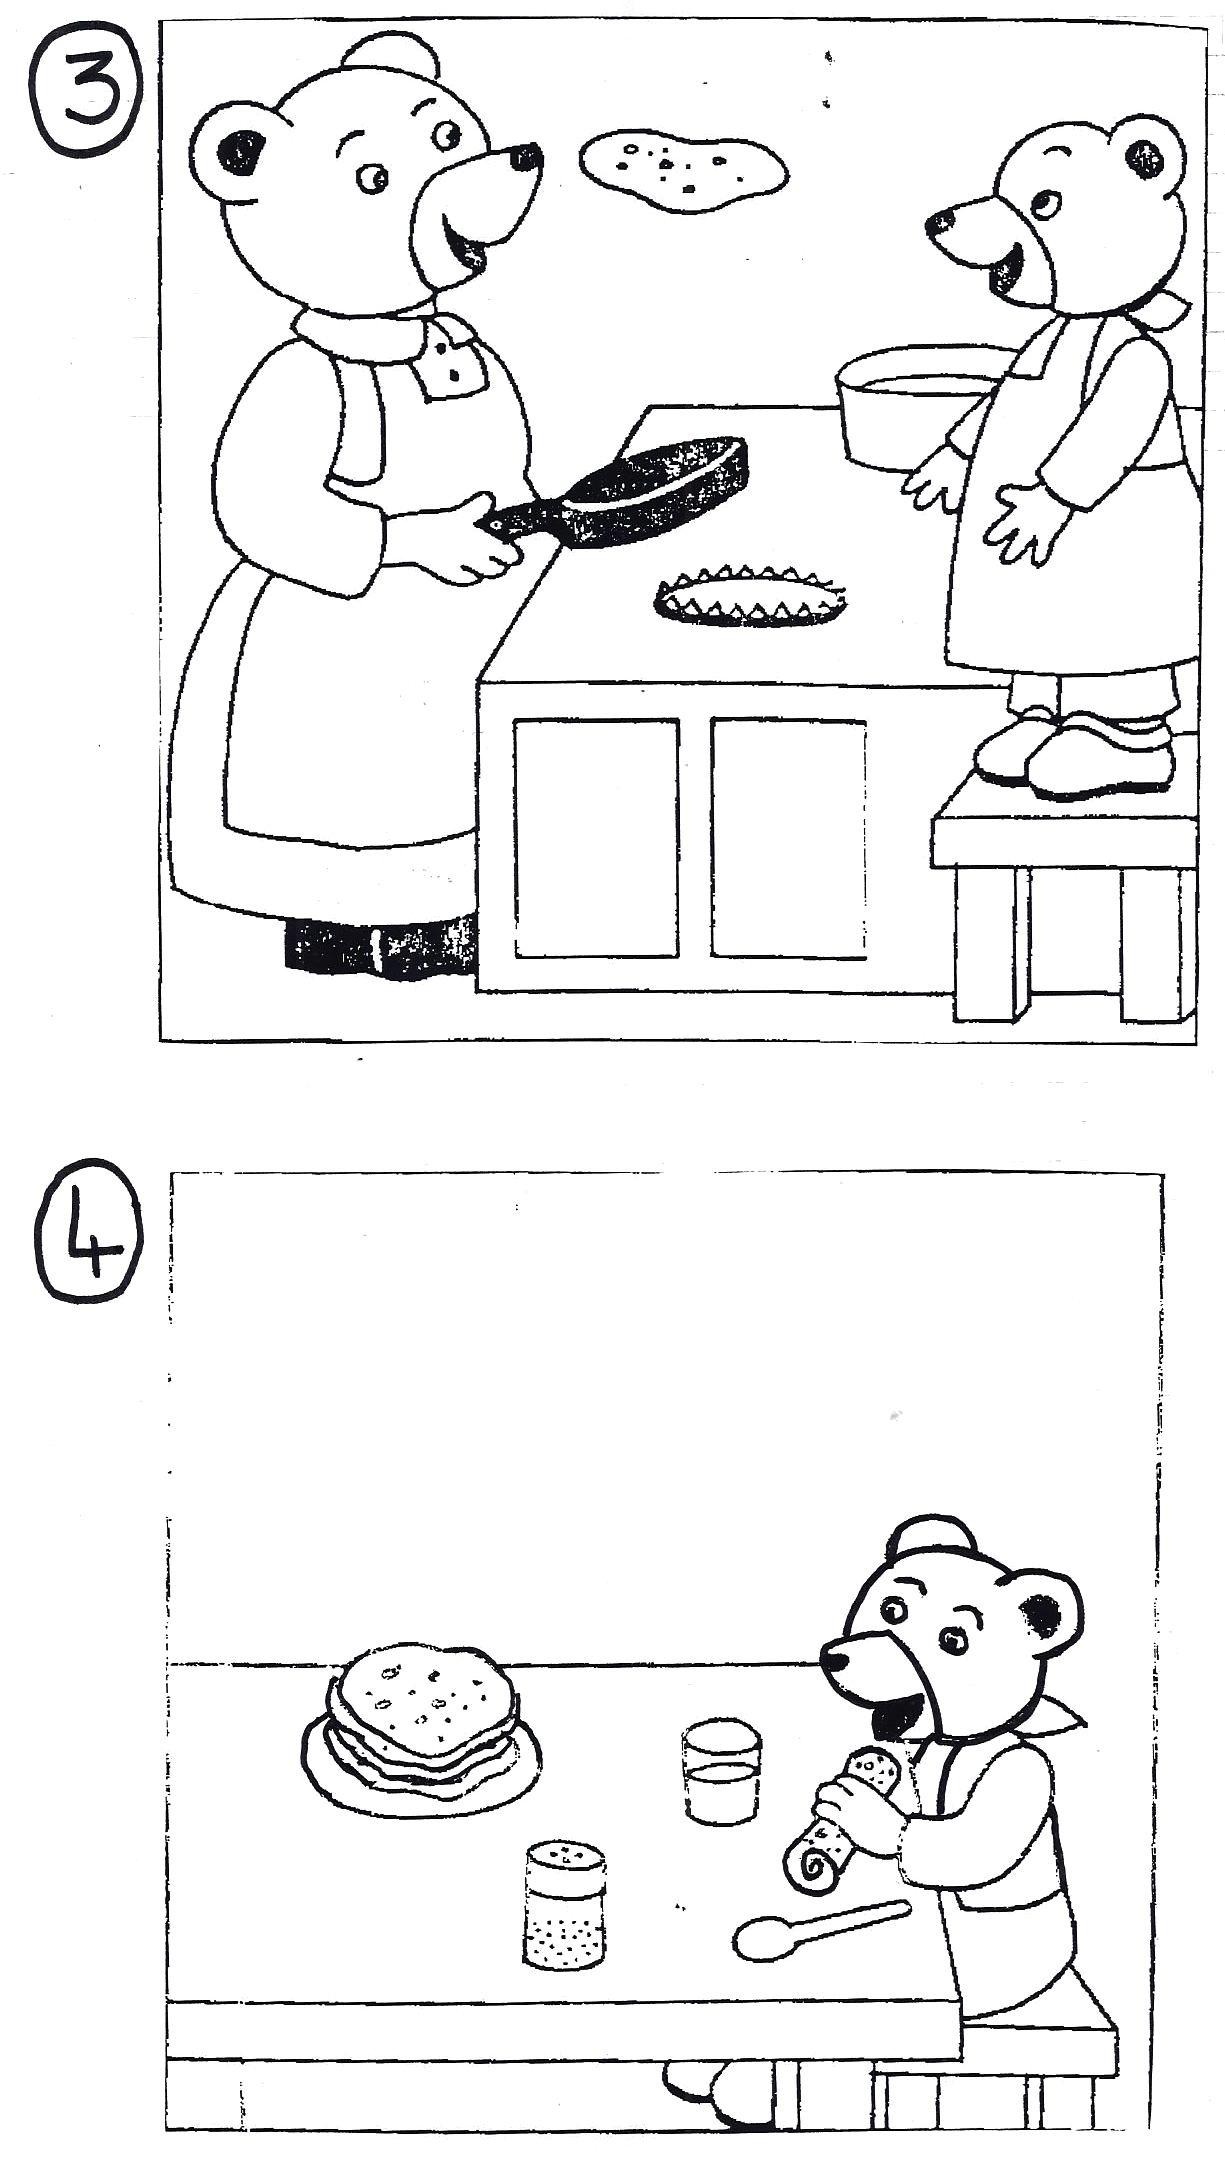 images squentielles petit ours brun fait des crpes 4 images - Petit Ours Brun Telecharger